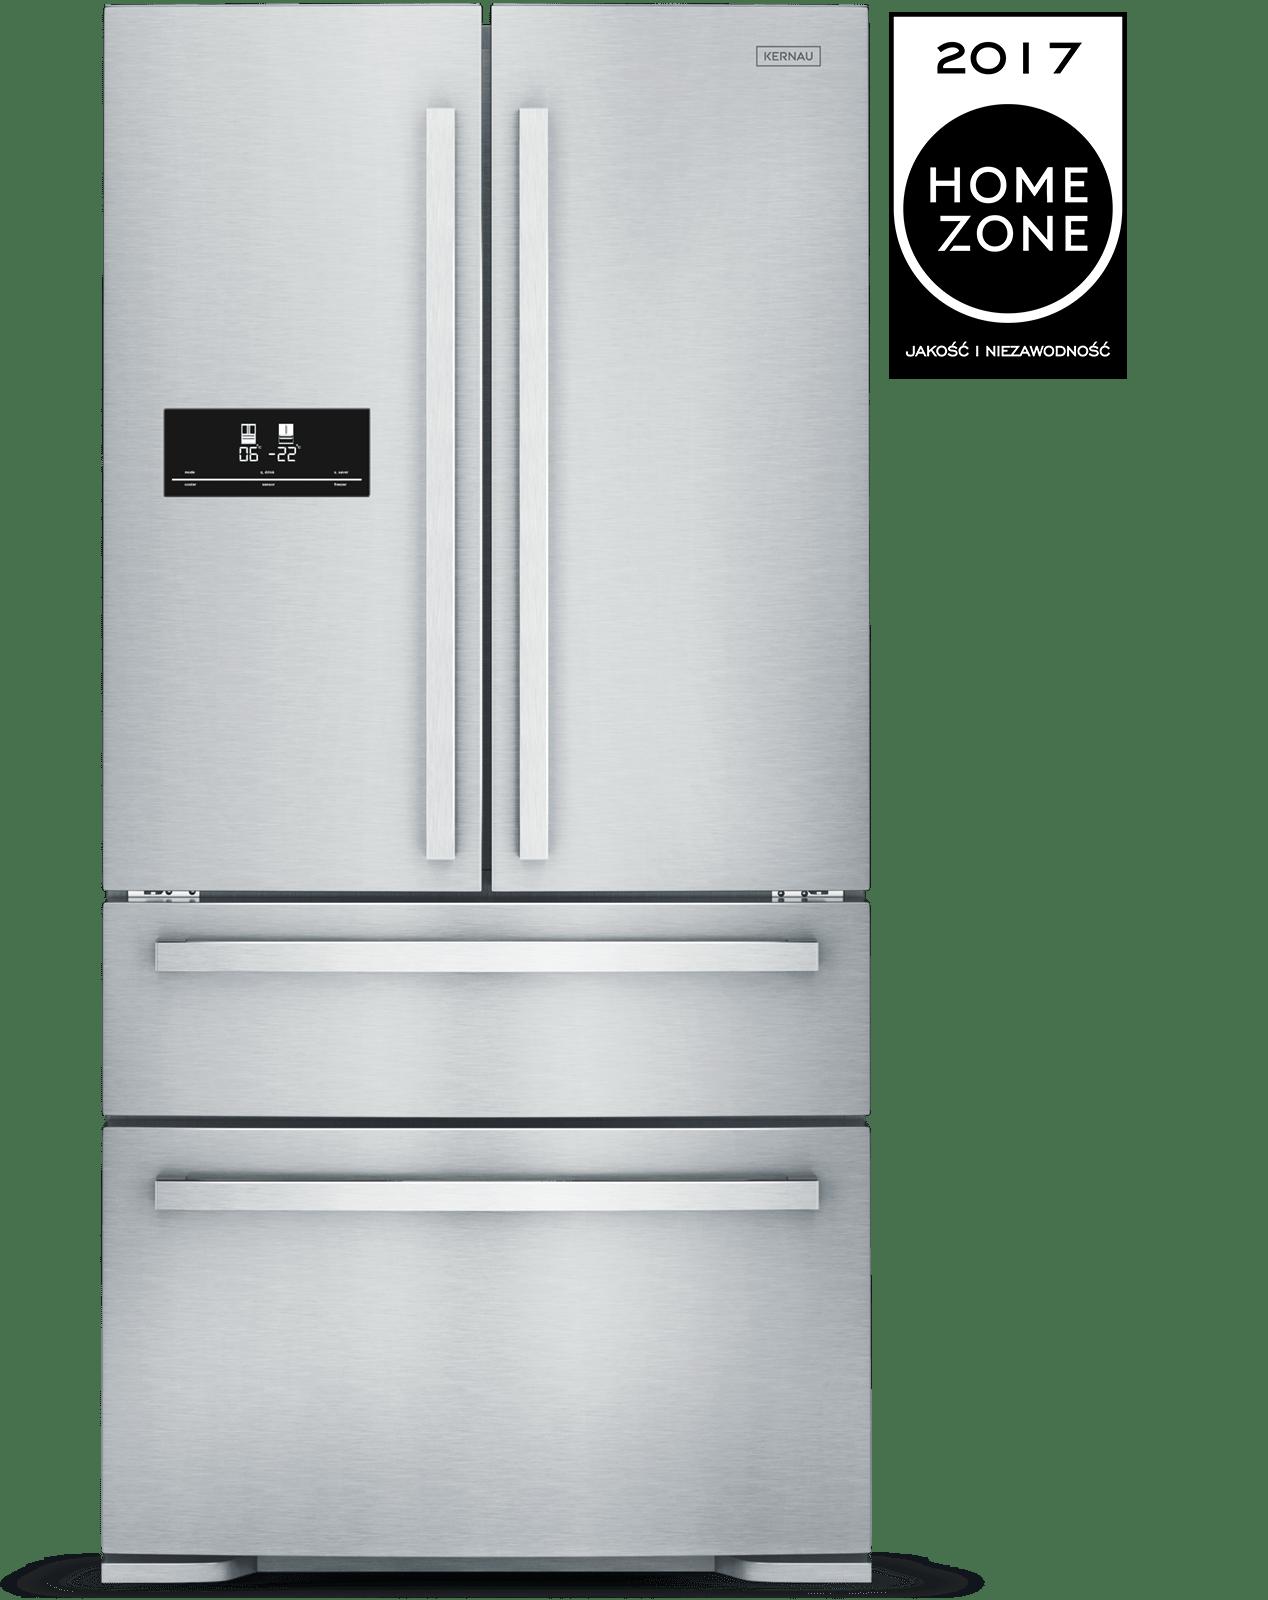 Freistehender Kühlschrank mit Gefrierfach KFRM 18191 NF EX